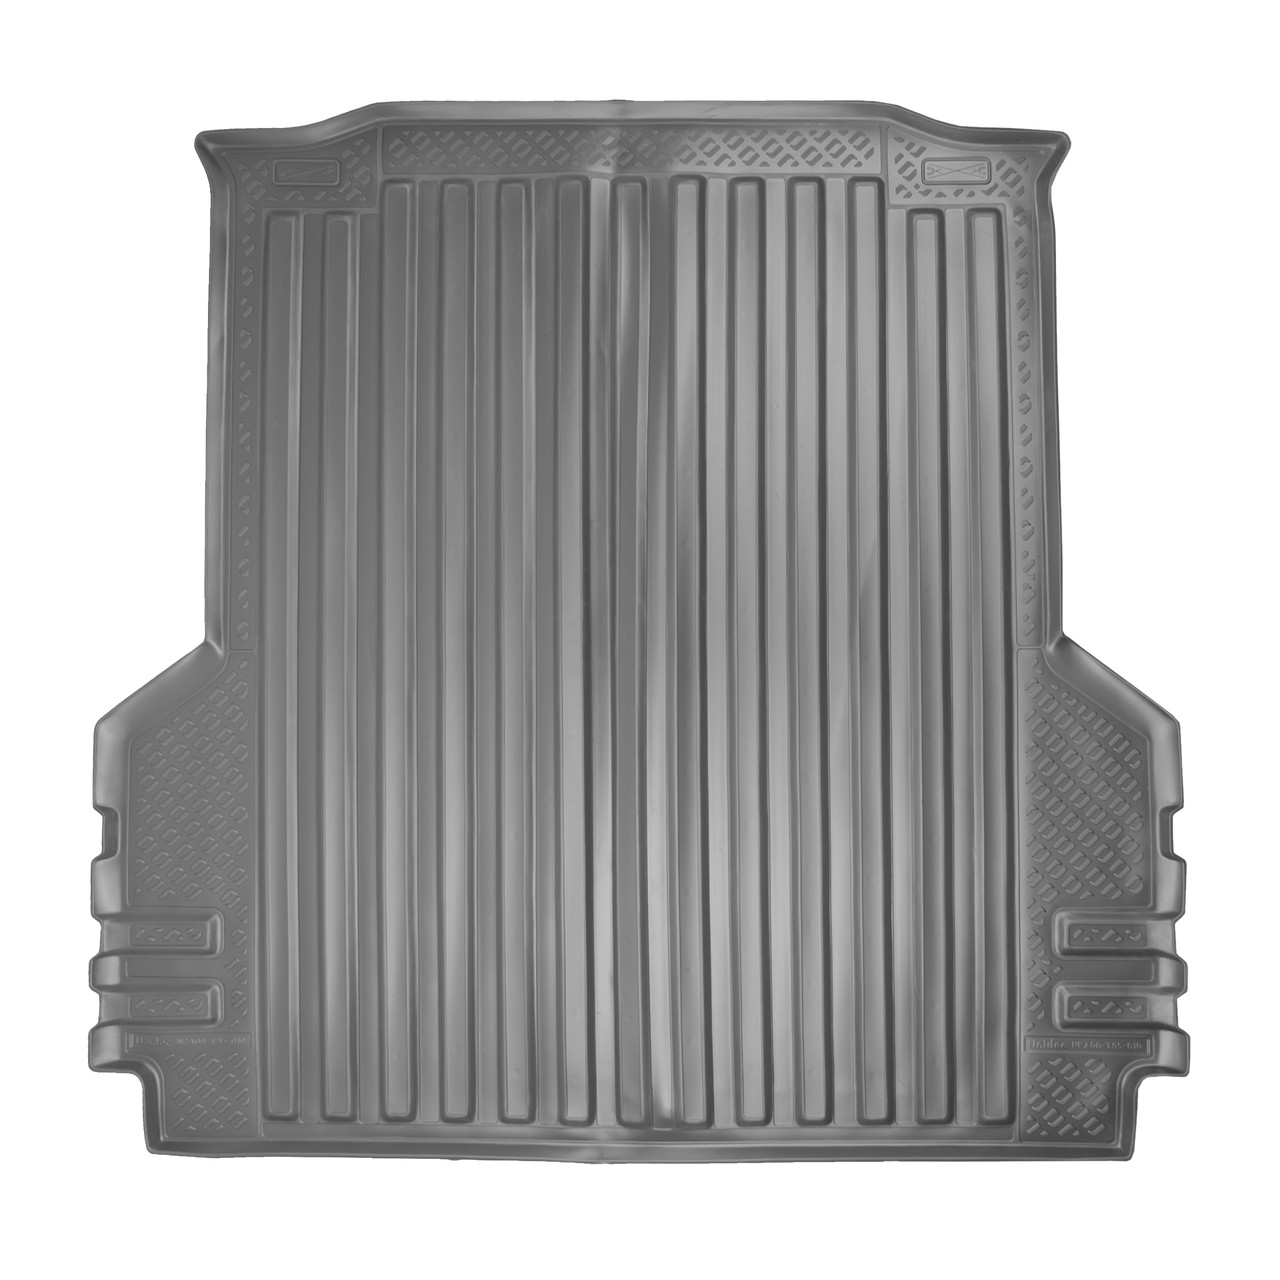 Коврик в багажник Volkswagen Amarok (2010)